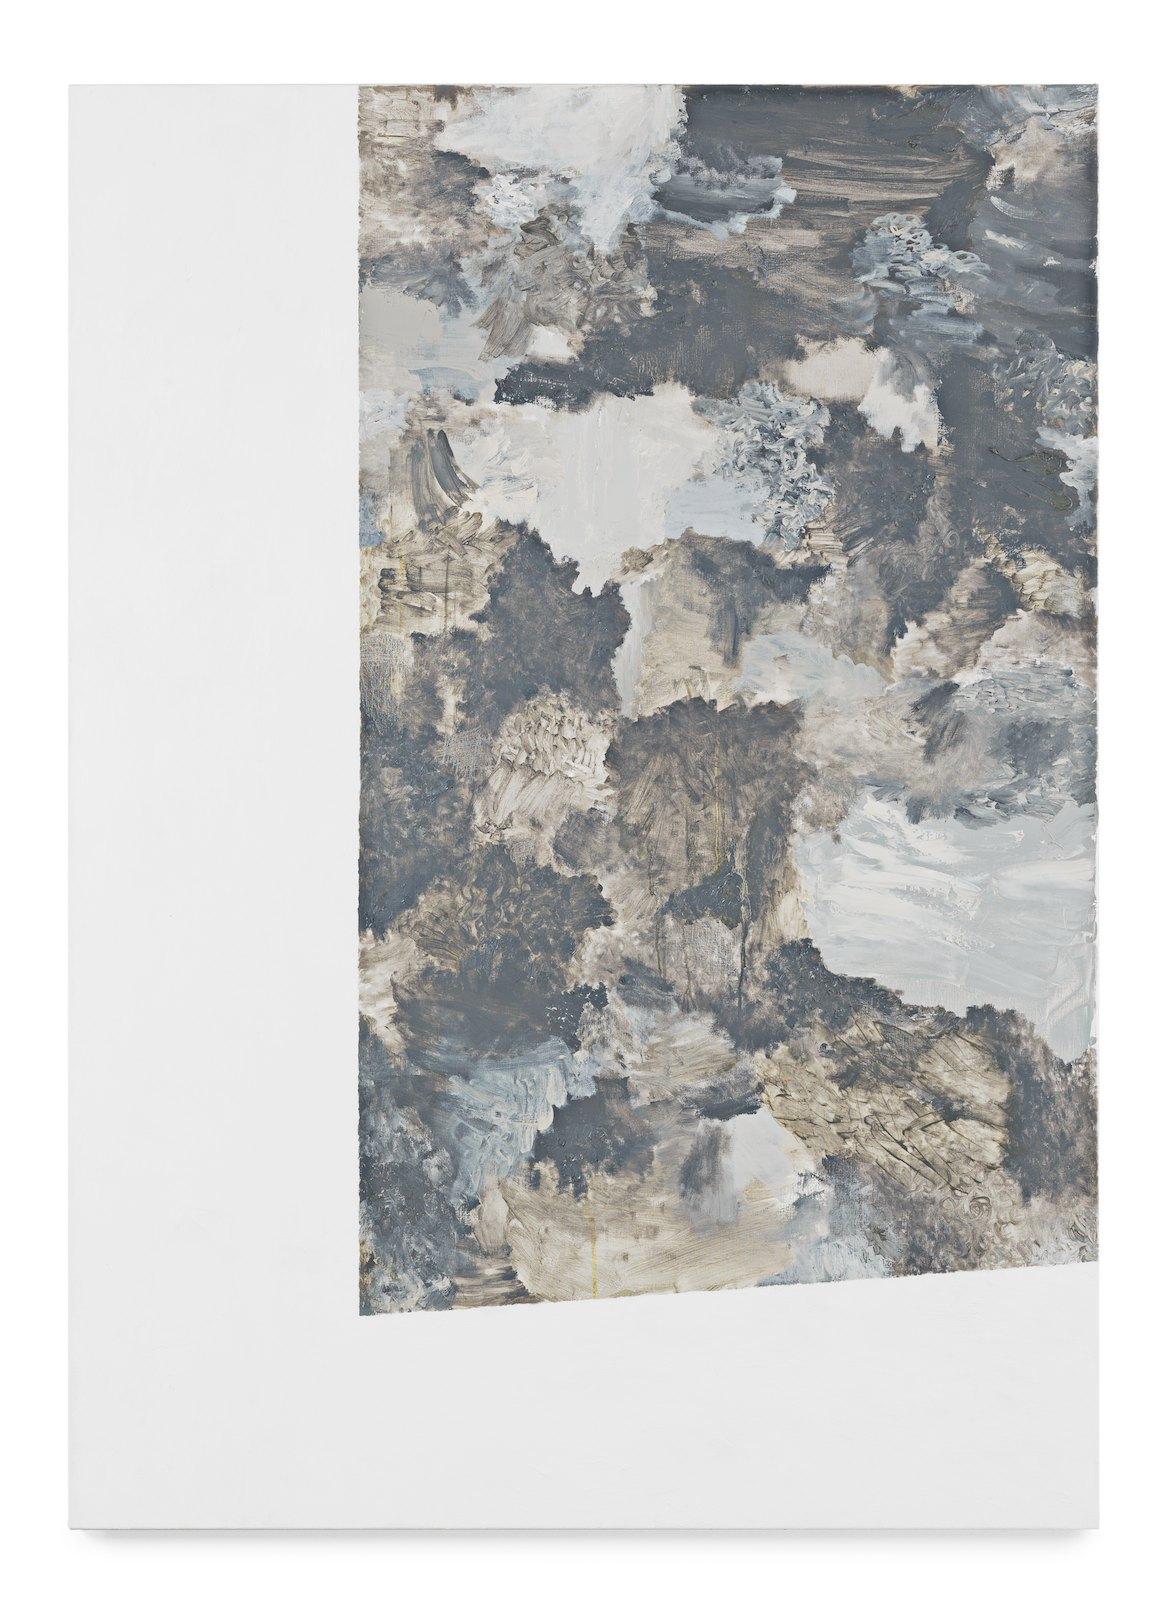 Viktor Kopp, Double space 2, 2011, oil on canvas, 170 x 120 cm